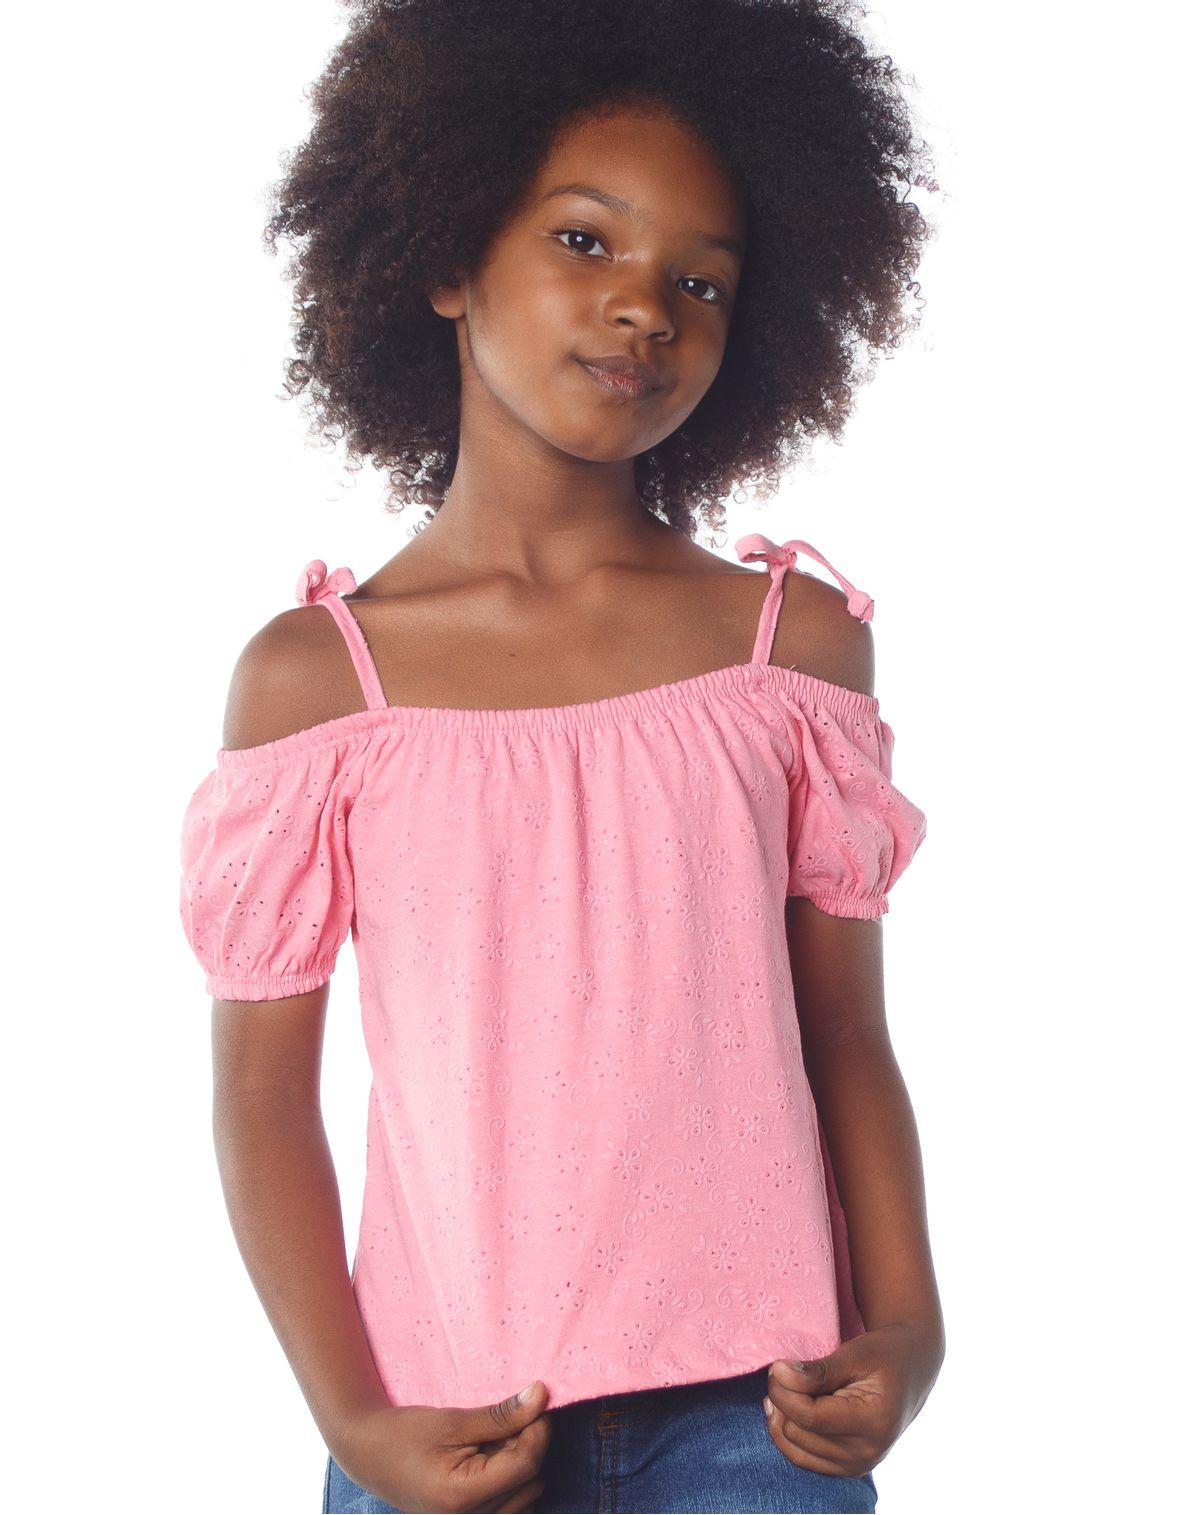 567766001-blusa-infantil-laise-open-shoulder-rosa-4-0aa